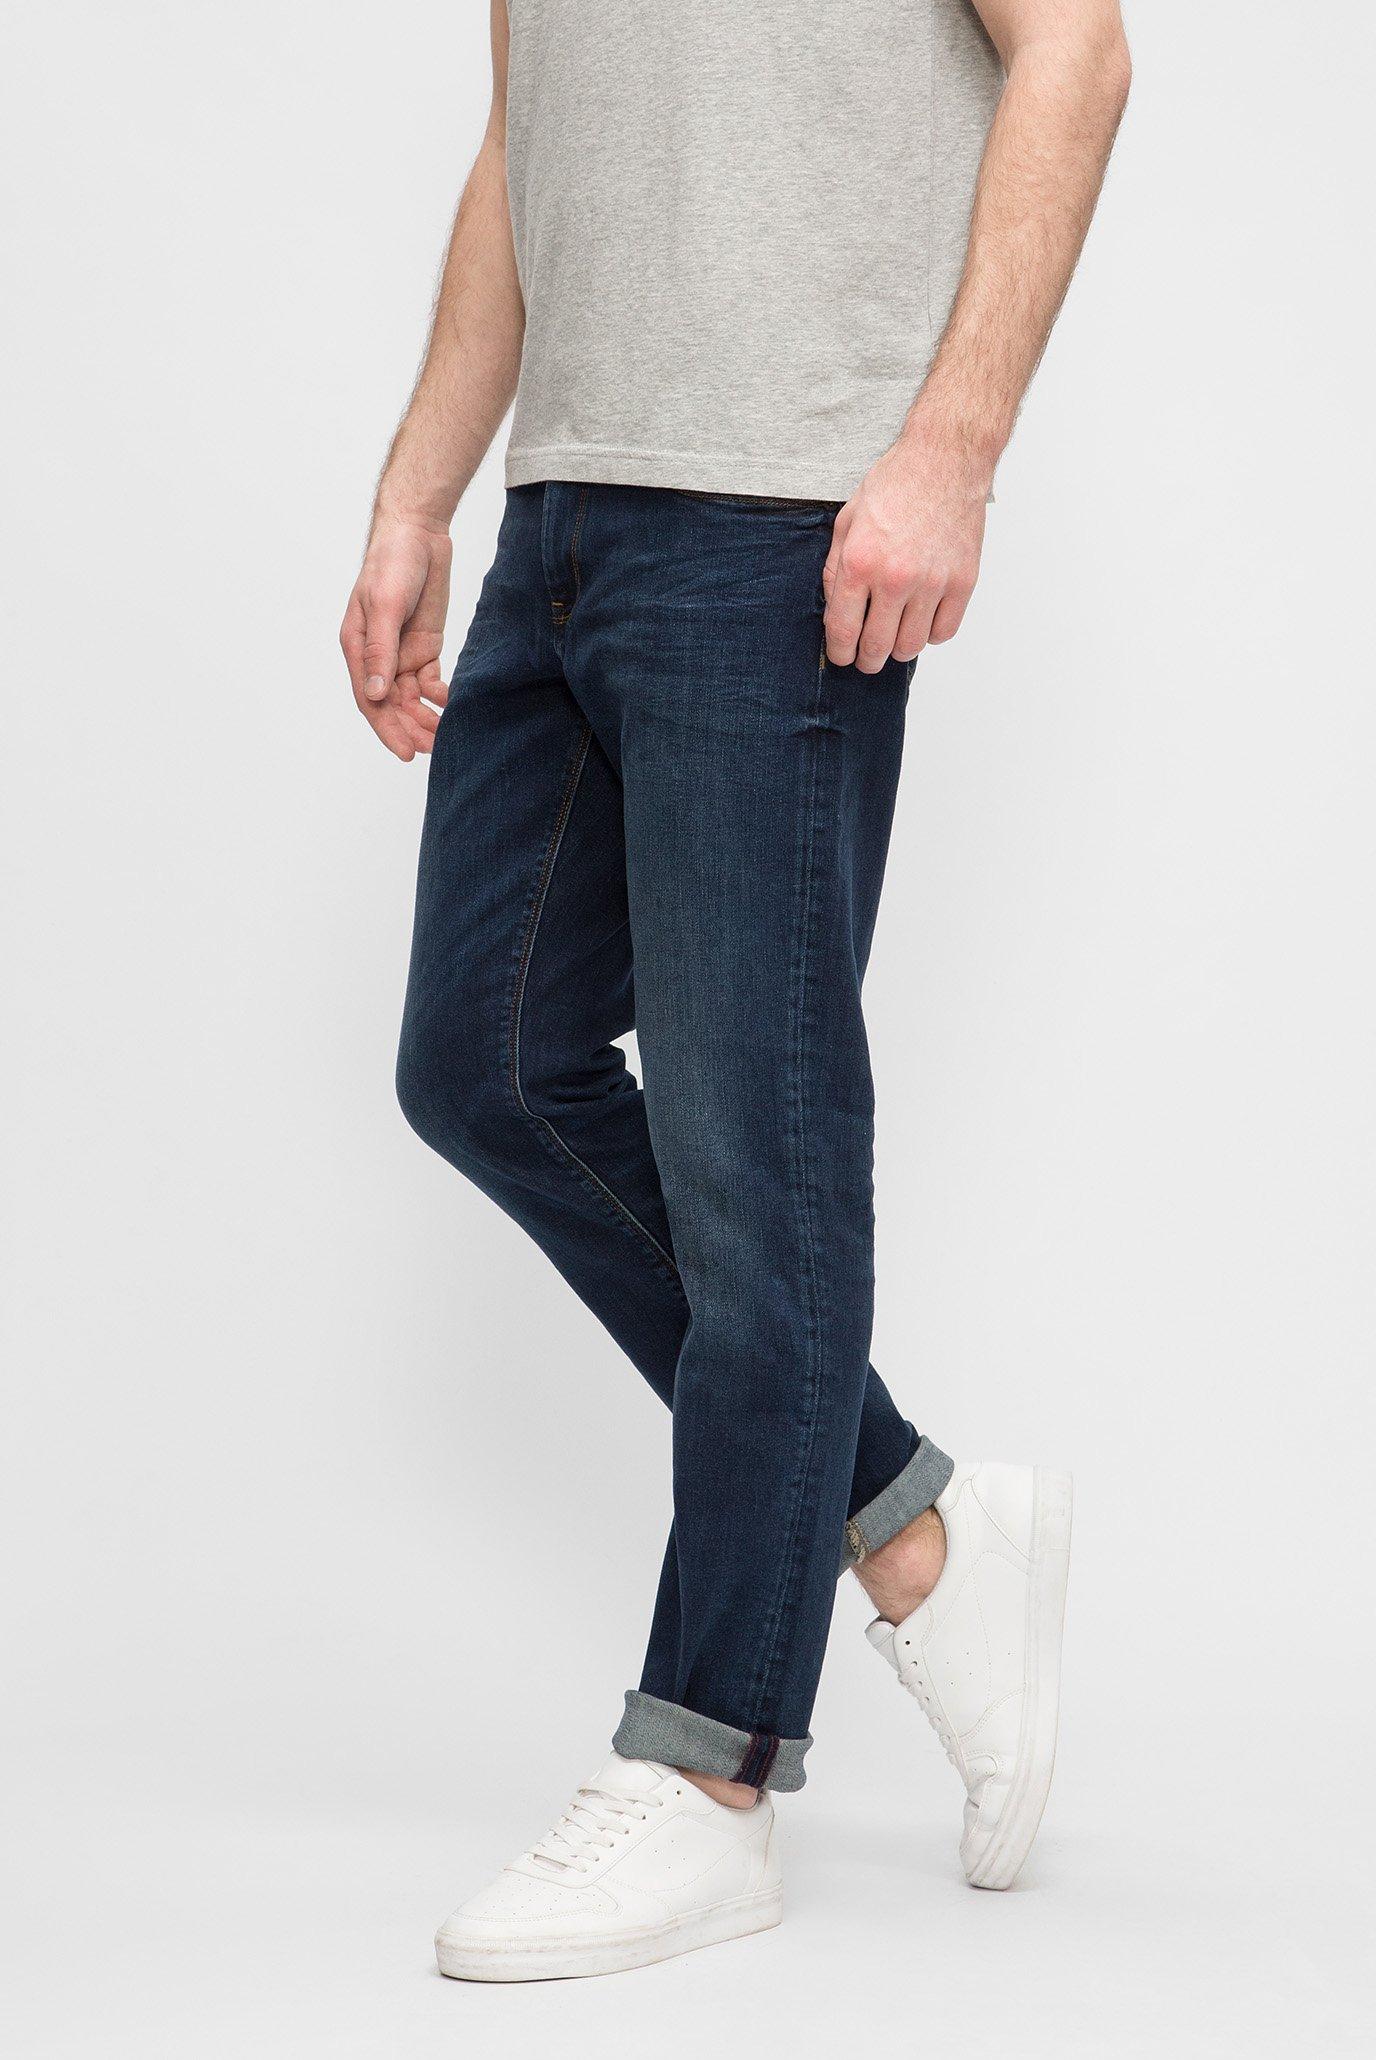 Купить Мужские темно-синие джинсы MERCER  Tommy Hilfiger Tommy Hilfiger MW0MW07239 – Киев, Украина. Цены в интернет магазине MD Fashion